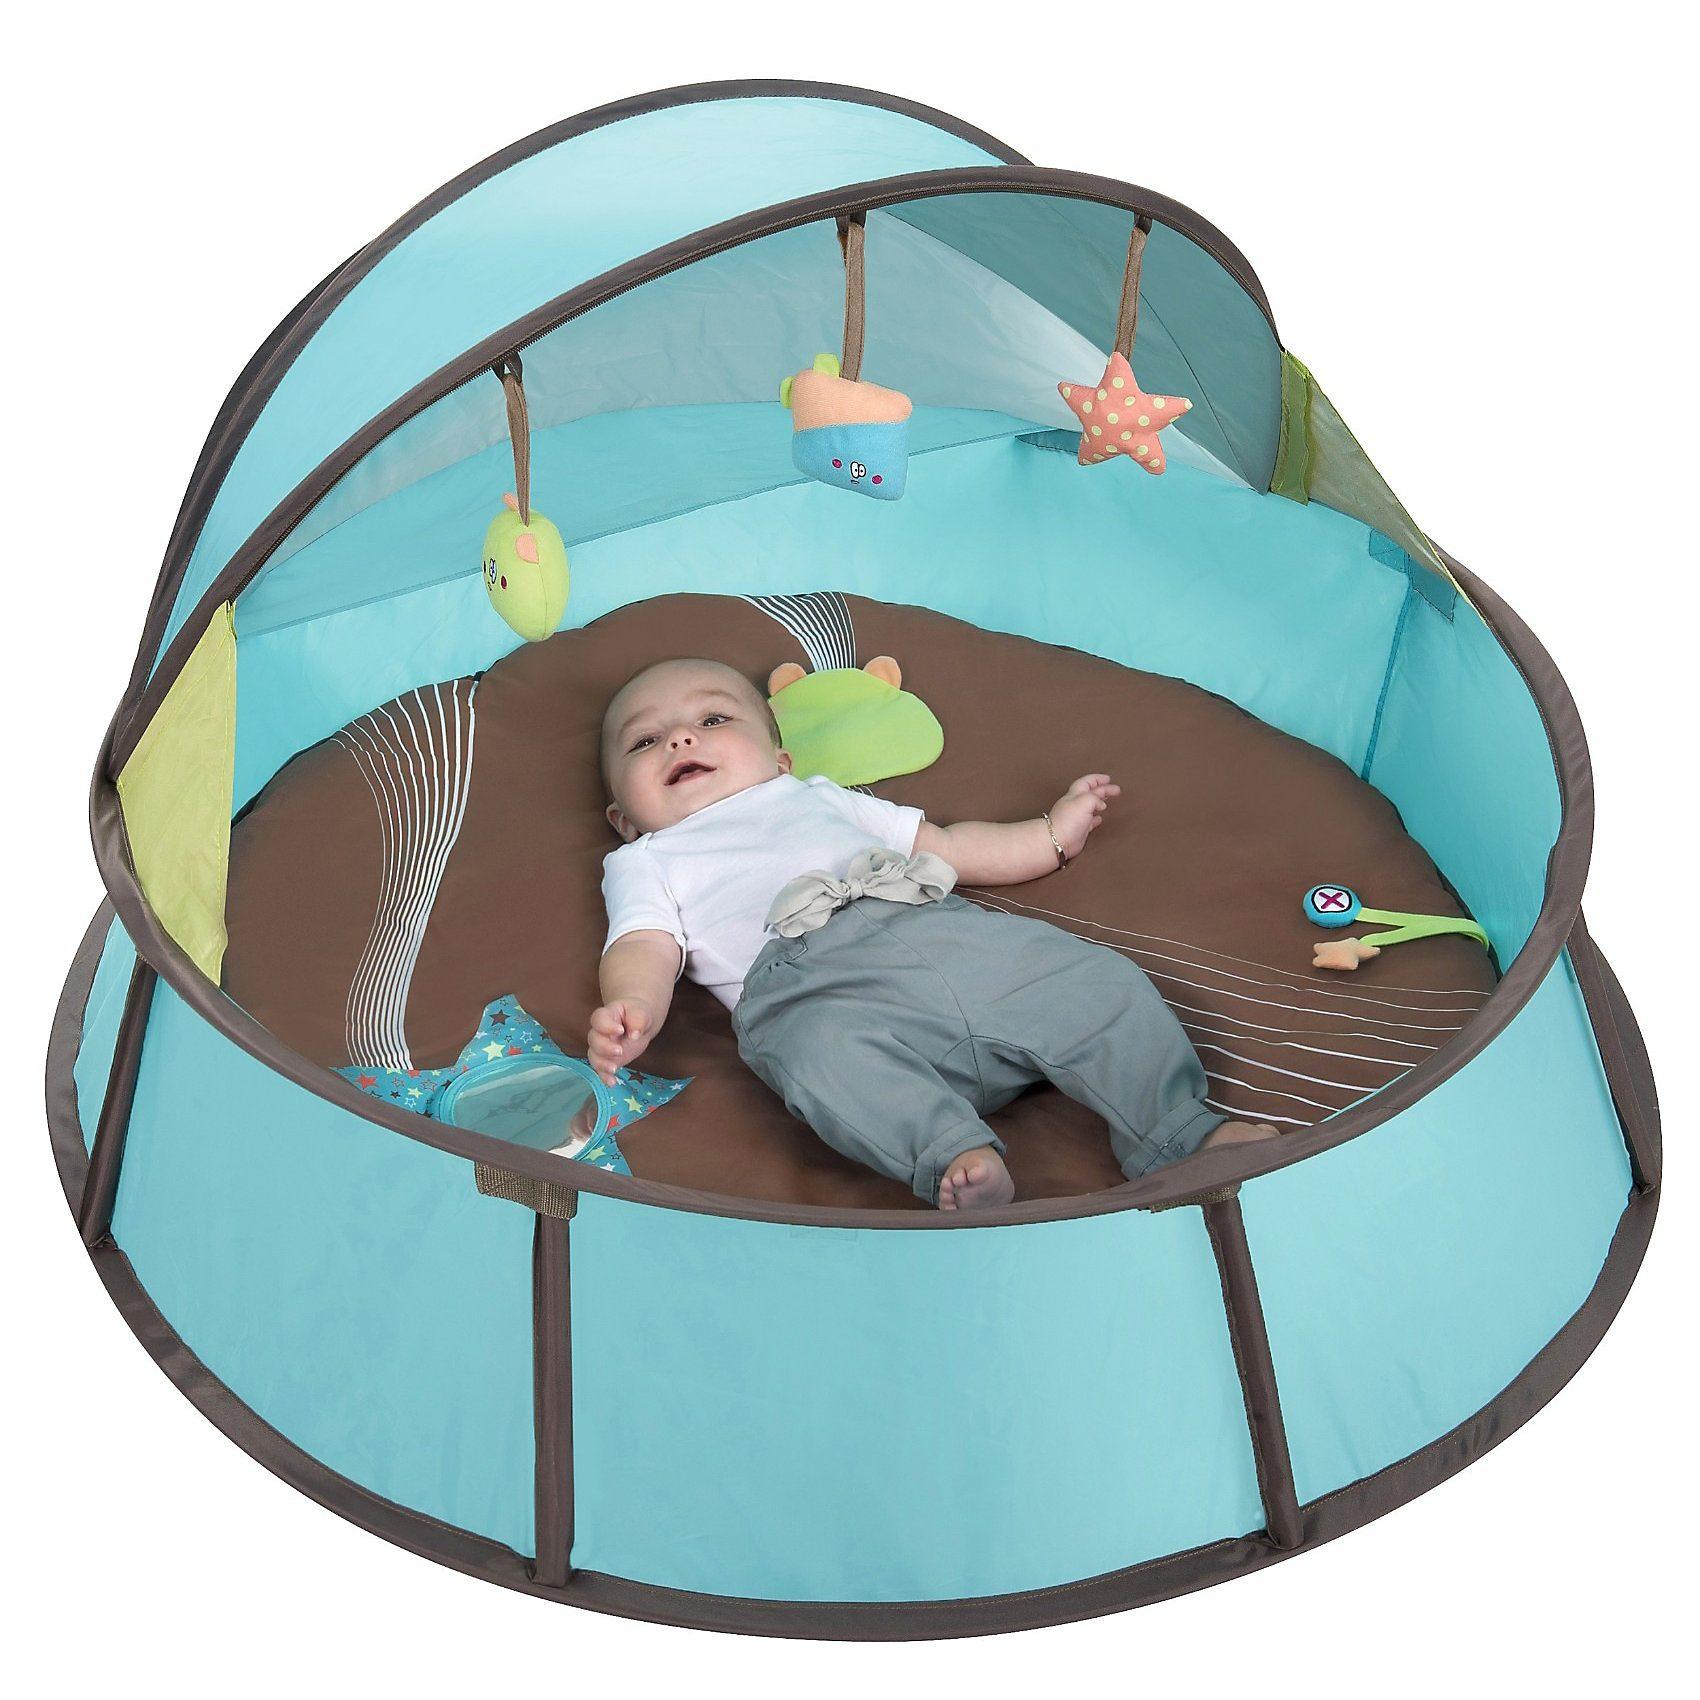 Babymoov Pop-up Babybett Babyni 2 in 1 mit UV-Schutz, blau